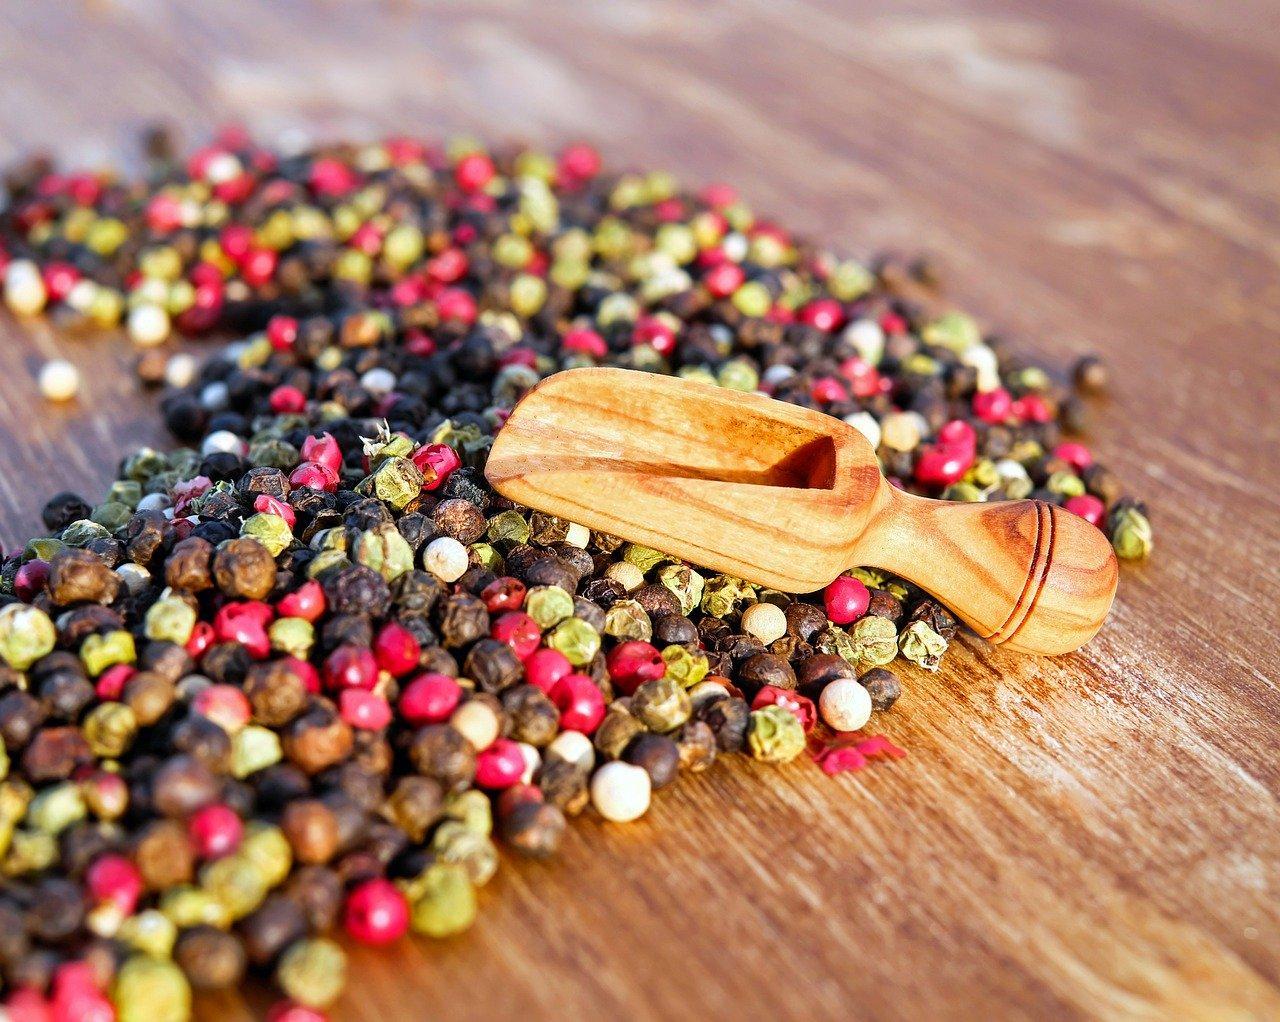 фото Витамины и антиоксиданты в каждом блюде: названы самые полезные приправы 2